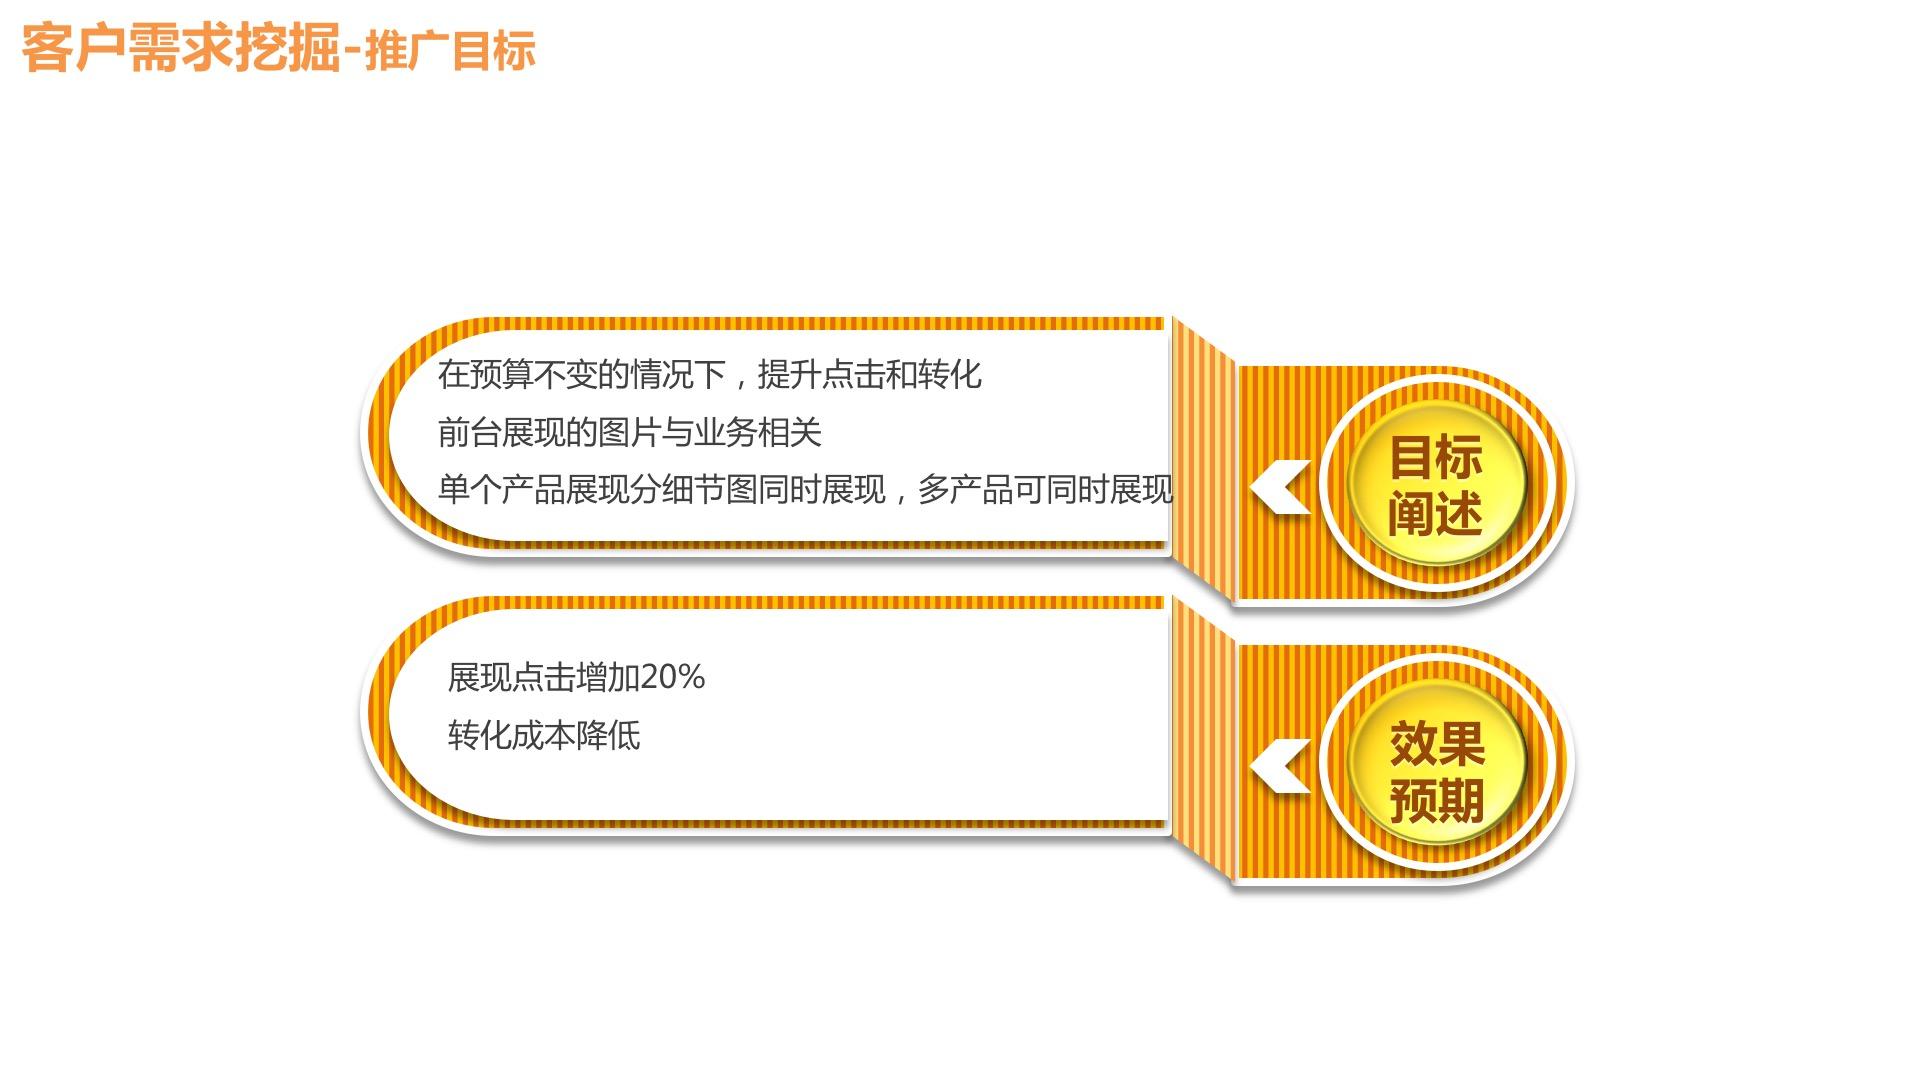 华东+教育培训+SU-苏乐乐器+24230204.jpg